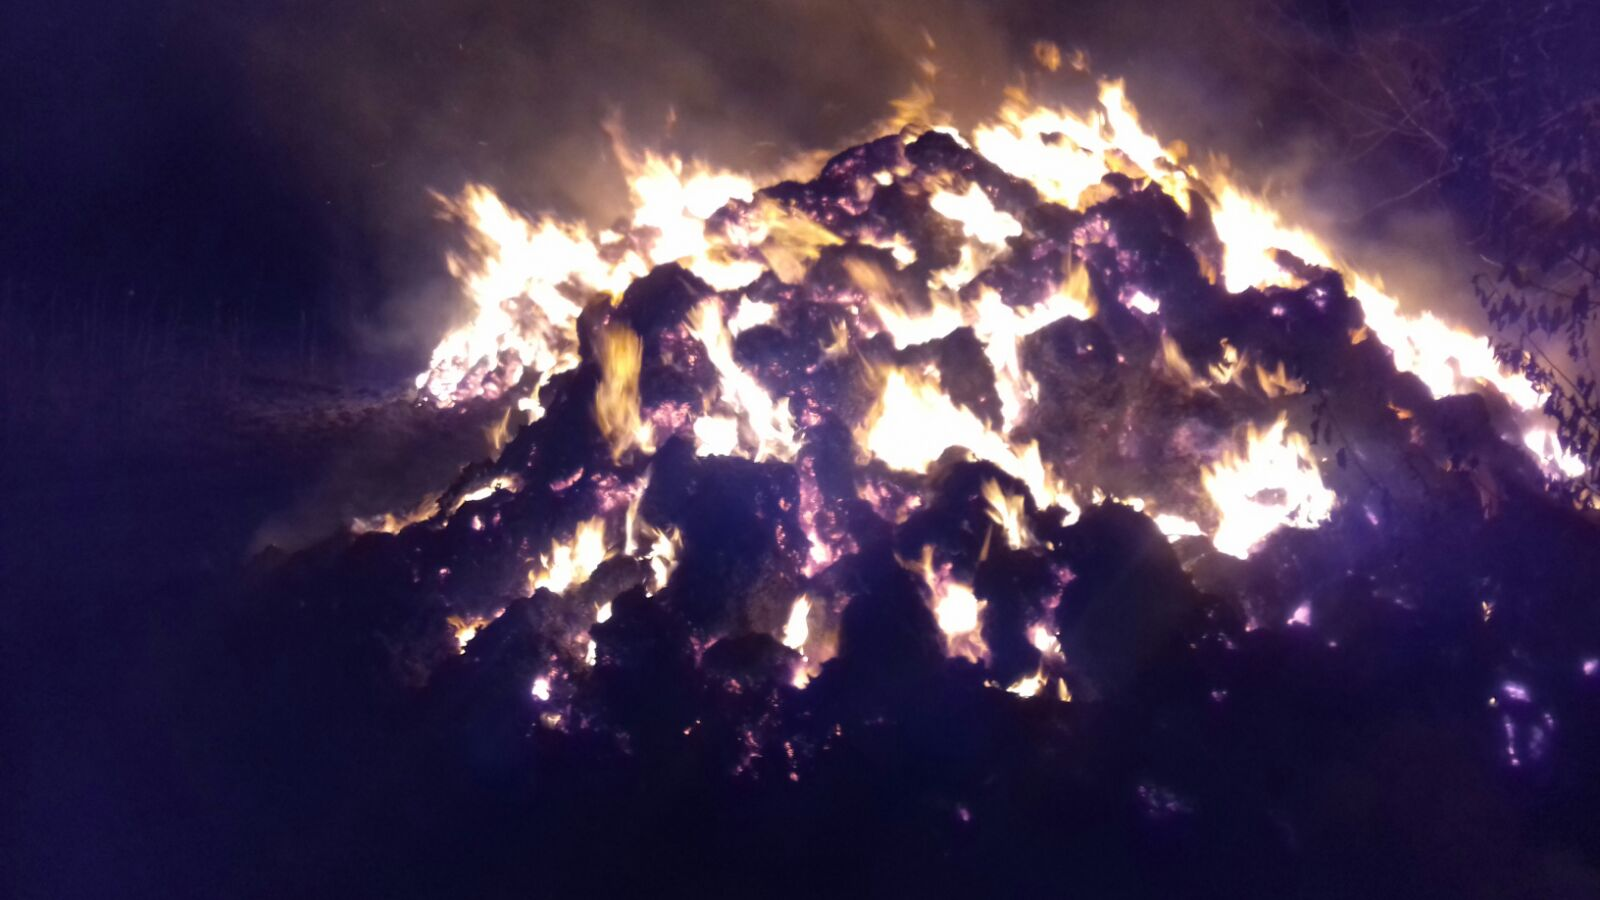 Incendiu pus intenționat, la Stănița